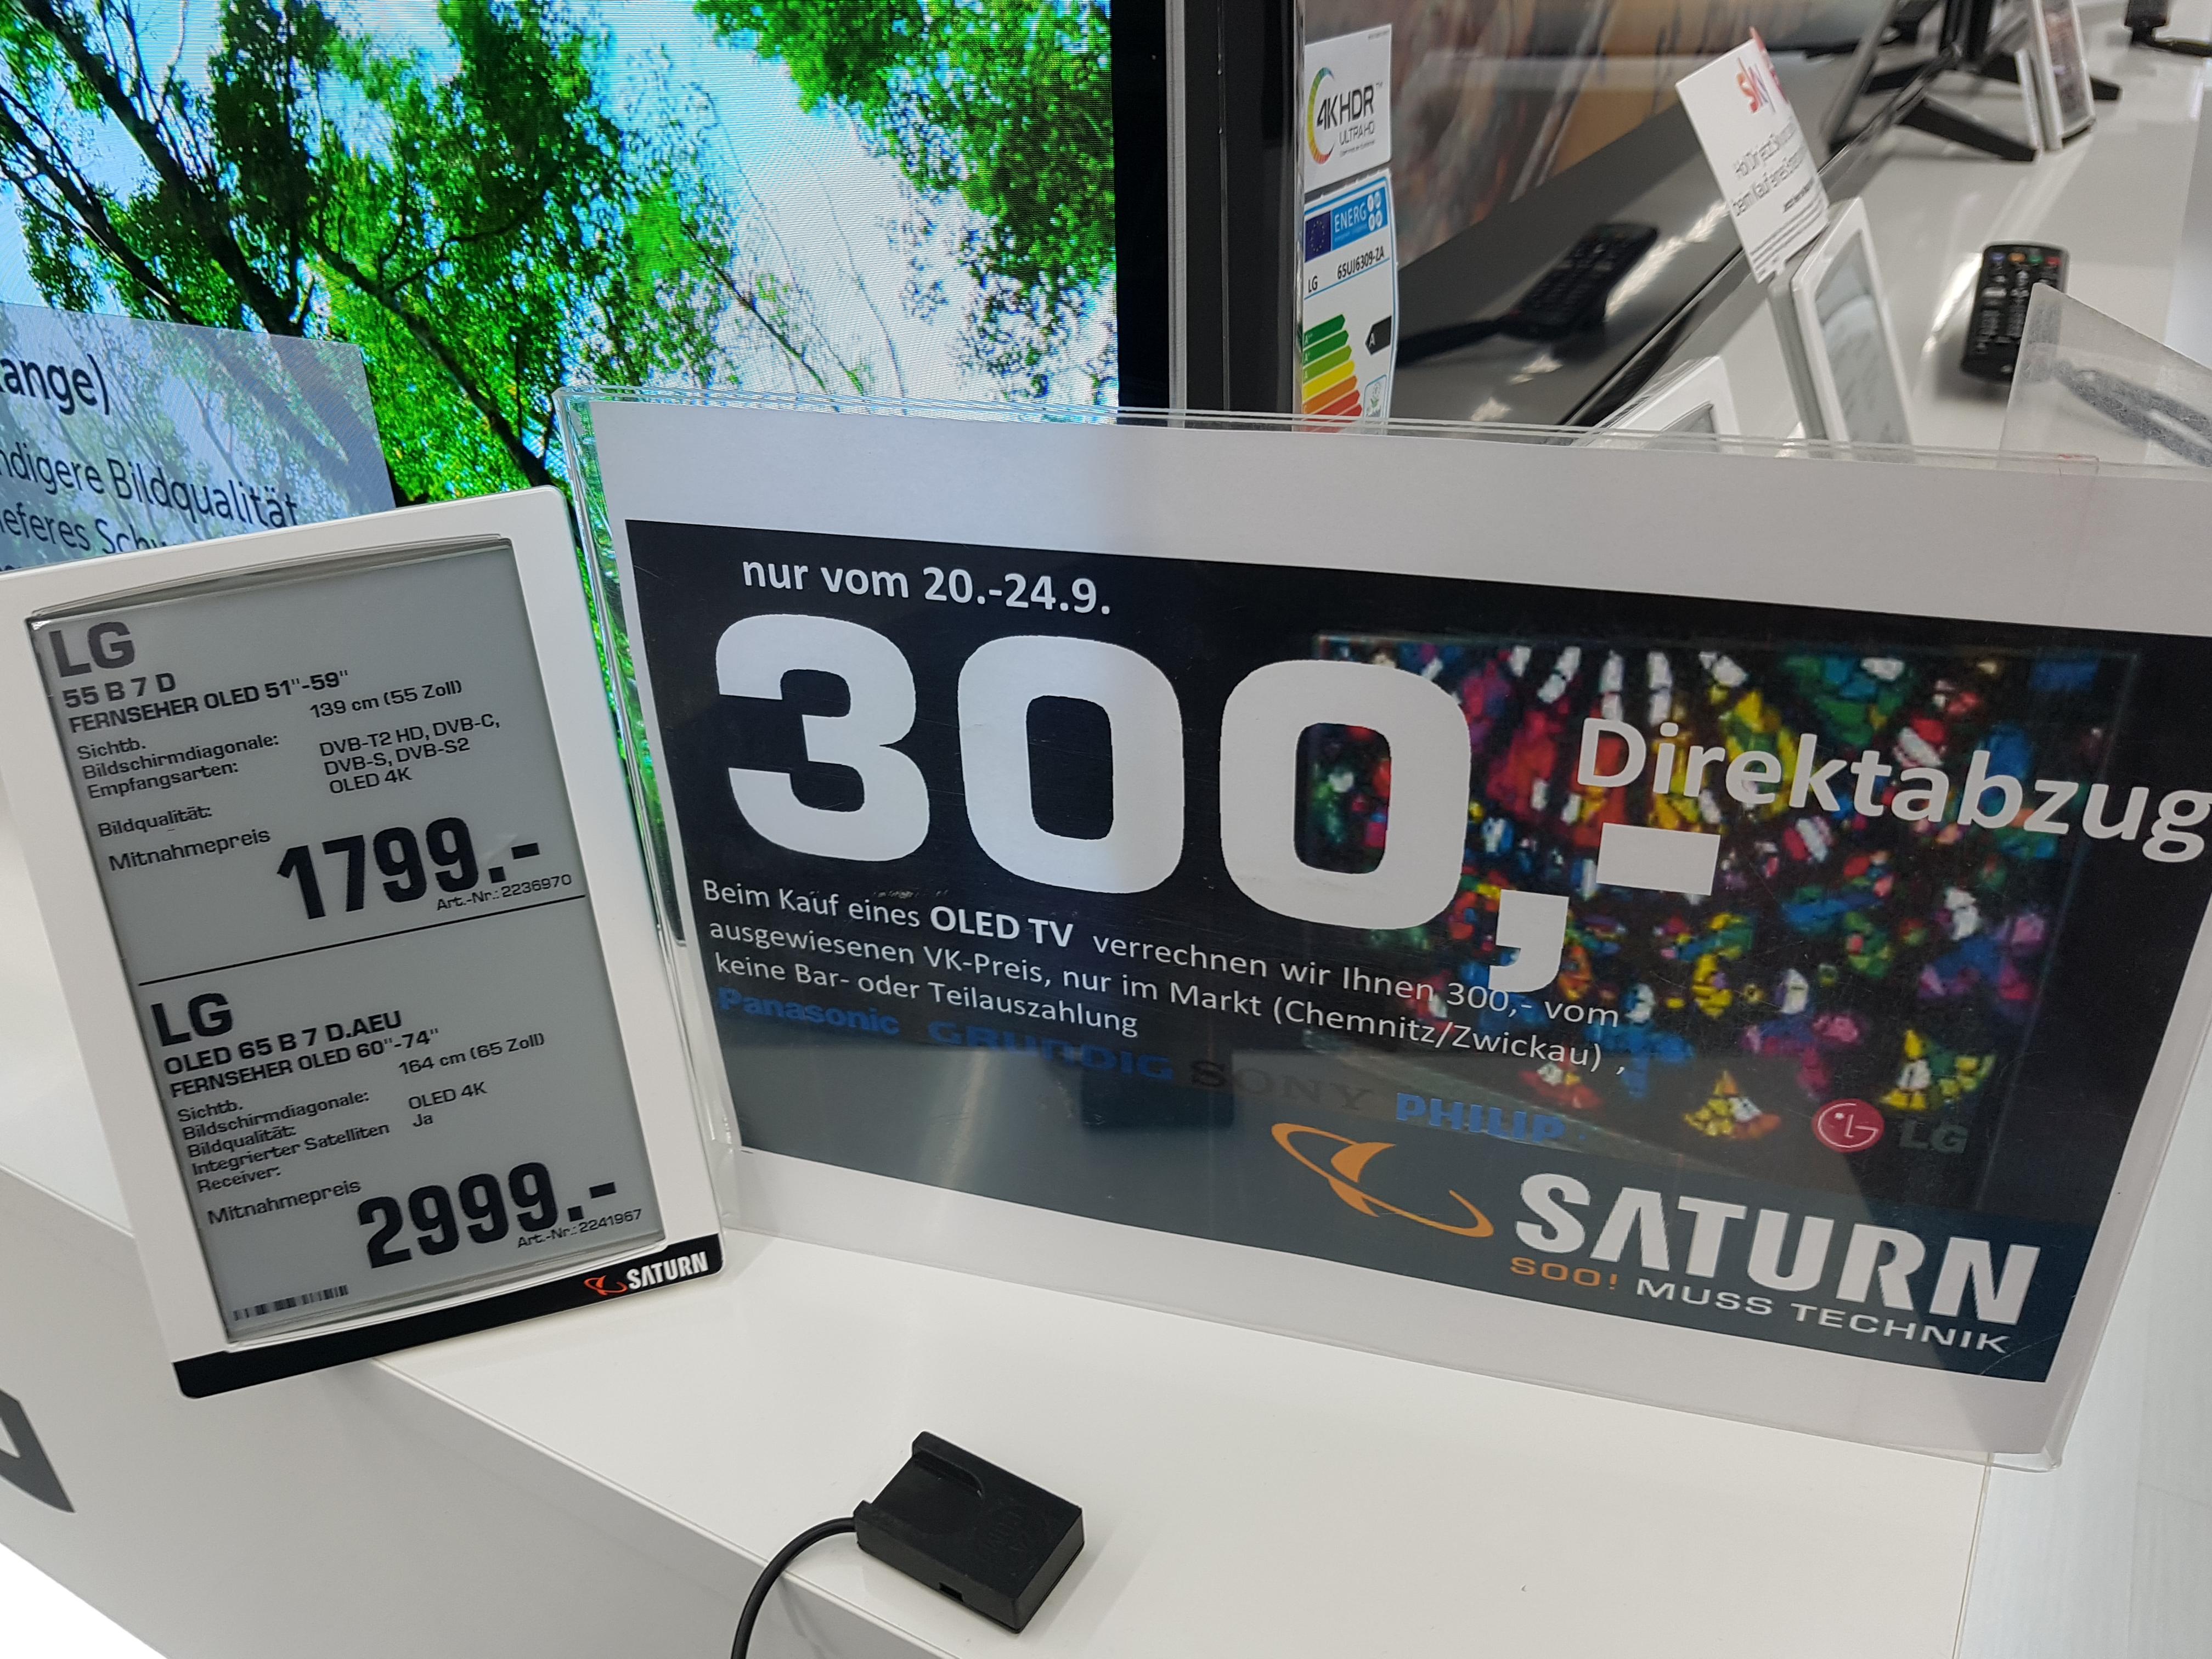 LG OLED TV 55B7D - Saturn Chemnitz & Zwickau